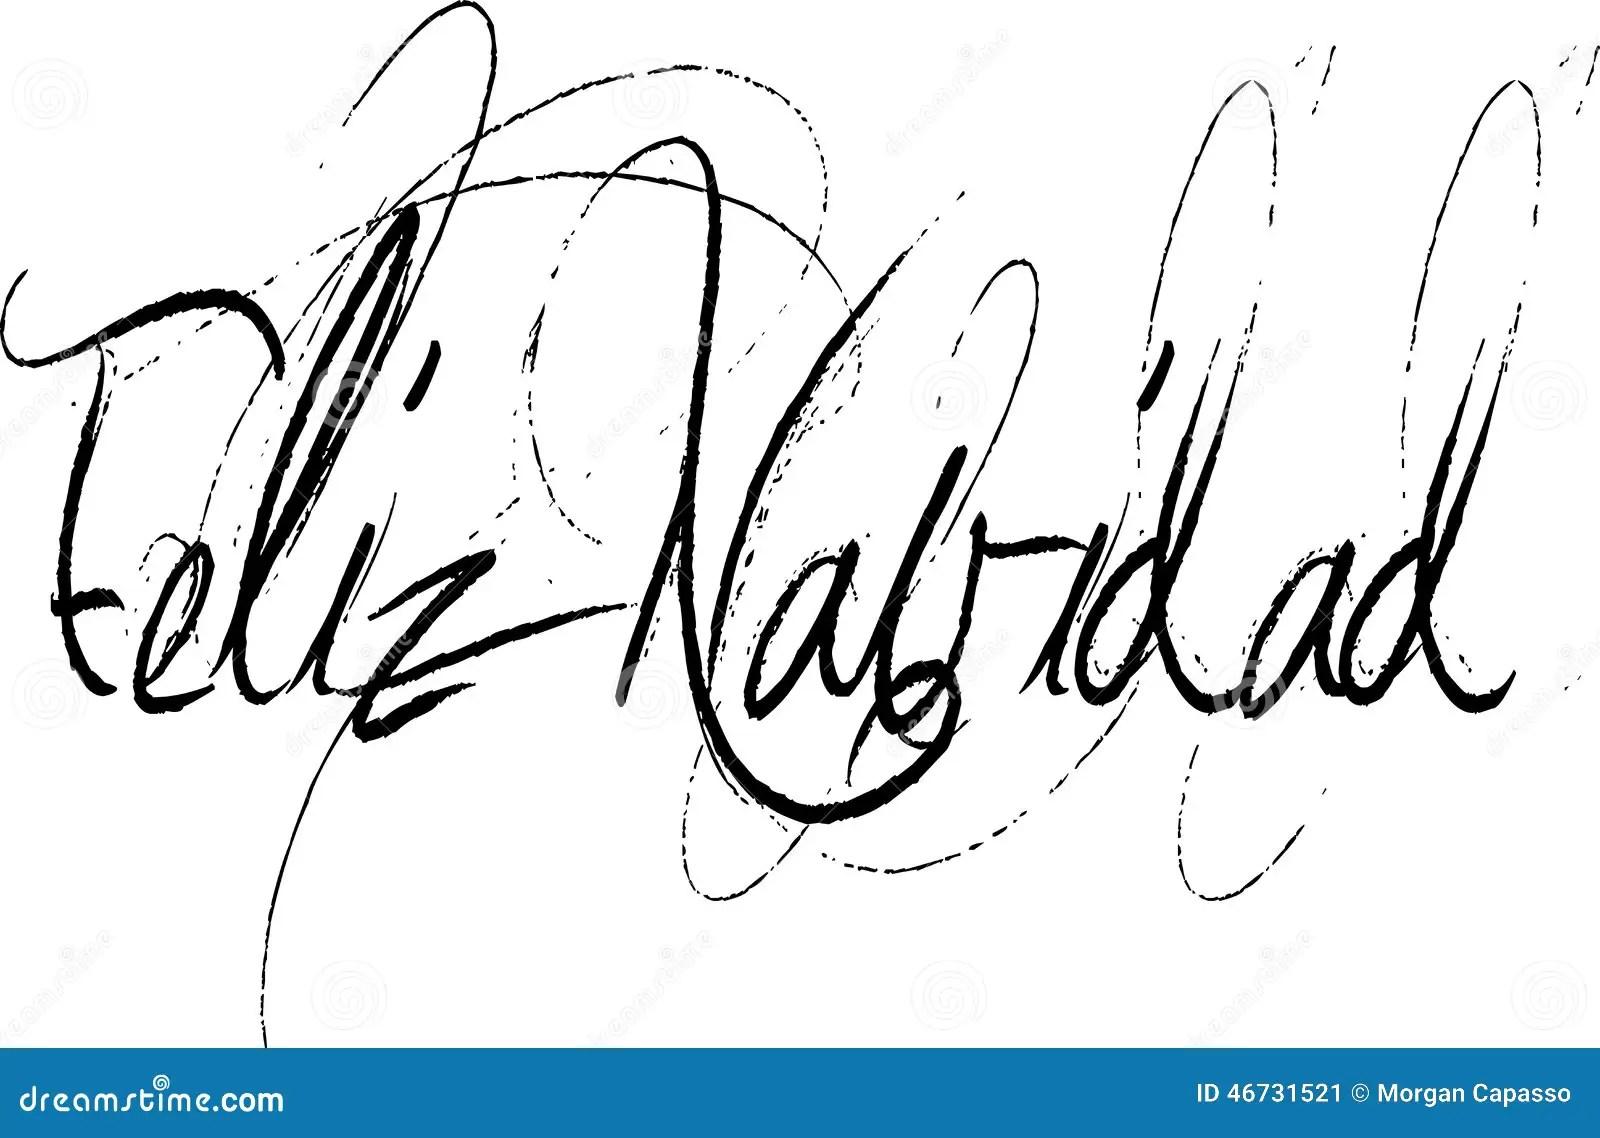 Feliz Navidad In Handwritten Script Stock Vector